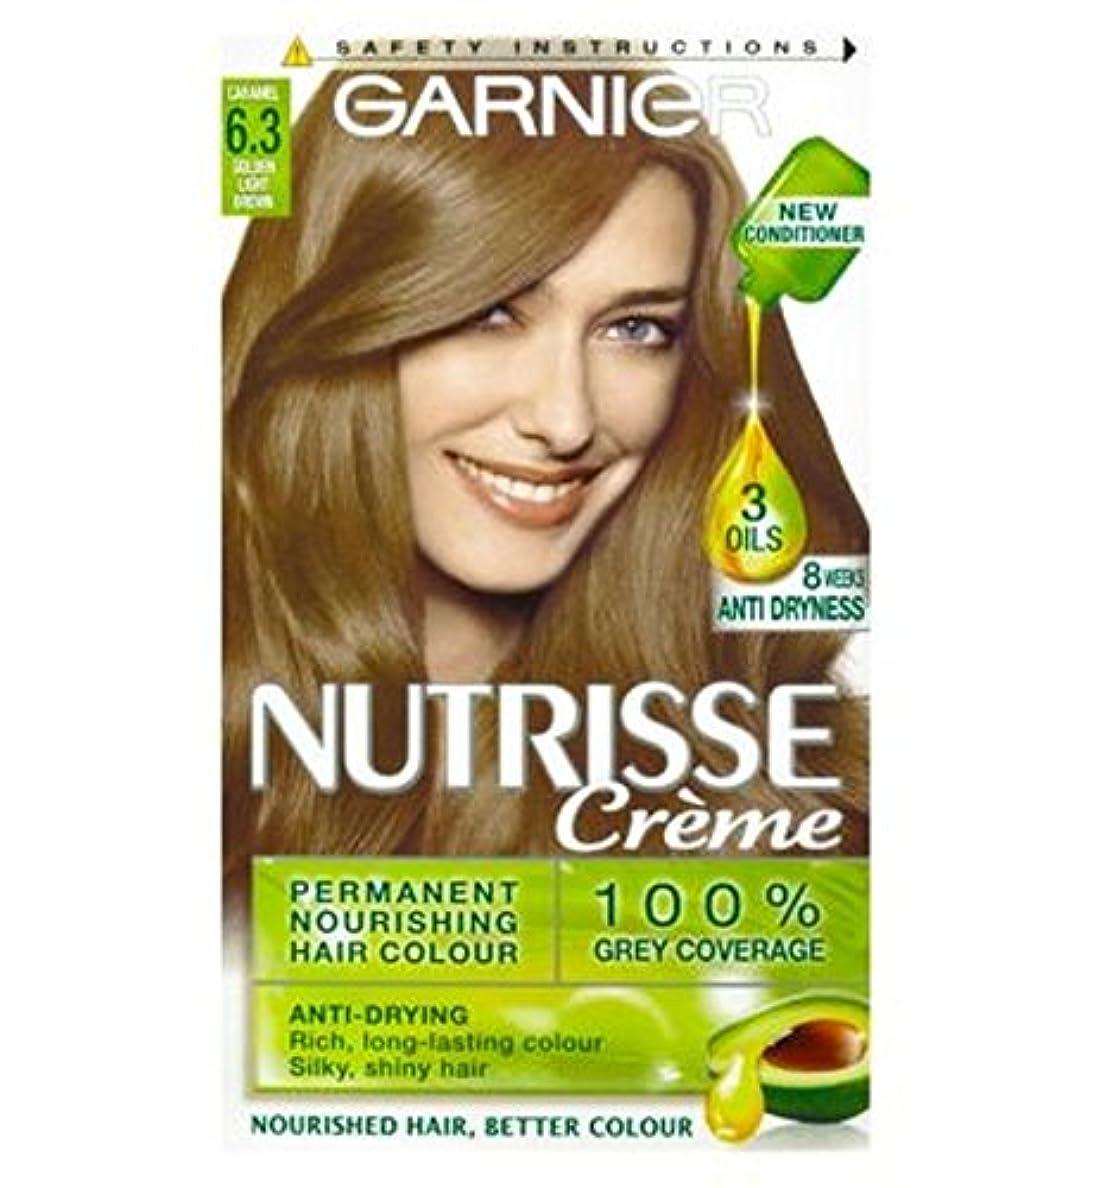 純粋にコスチュームエゴイズムガルニエNutrisseクリームパーマネントヘアカラー6.3キャラメルライトブラウン (Garnier) (x2) - Garnier Nutrisse Cr?me Permanent Hair Colour 6.3 Caramel...